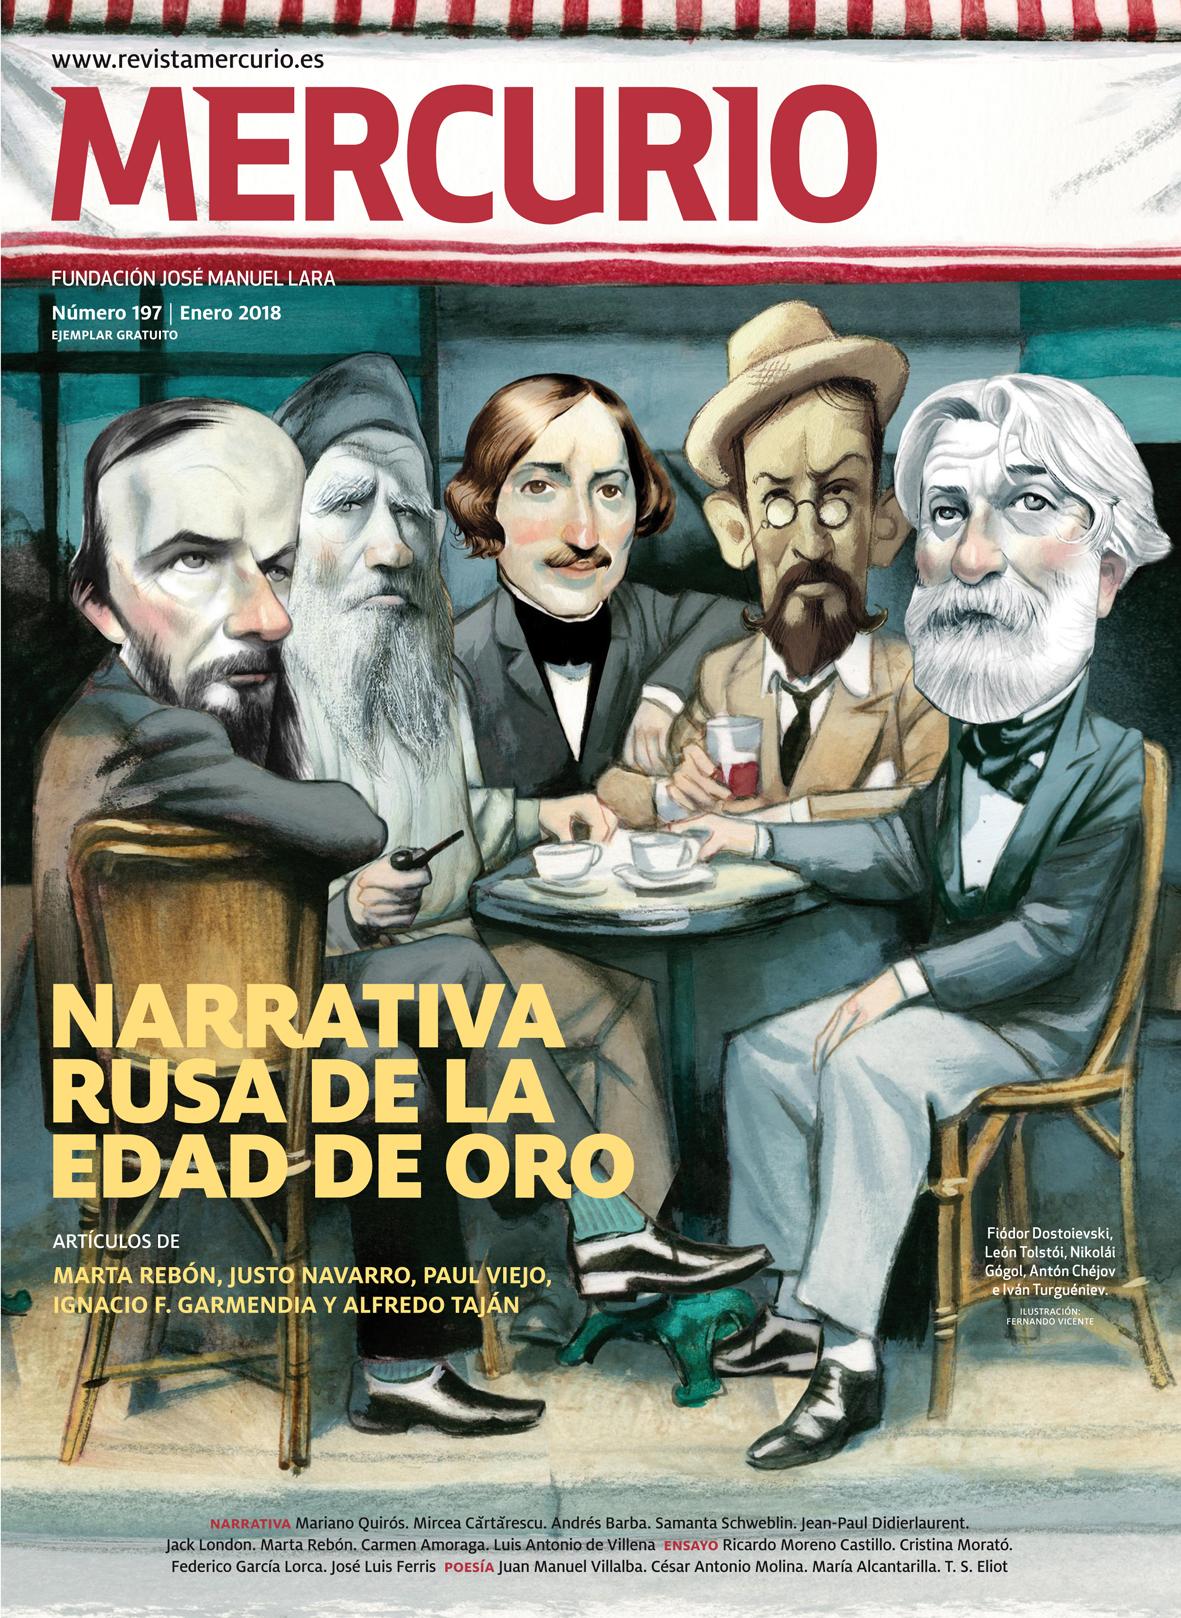 Mercurio 197. Enero 2018. Ilustración: Fernando Vicente